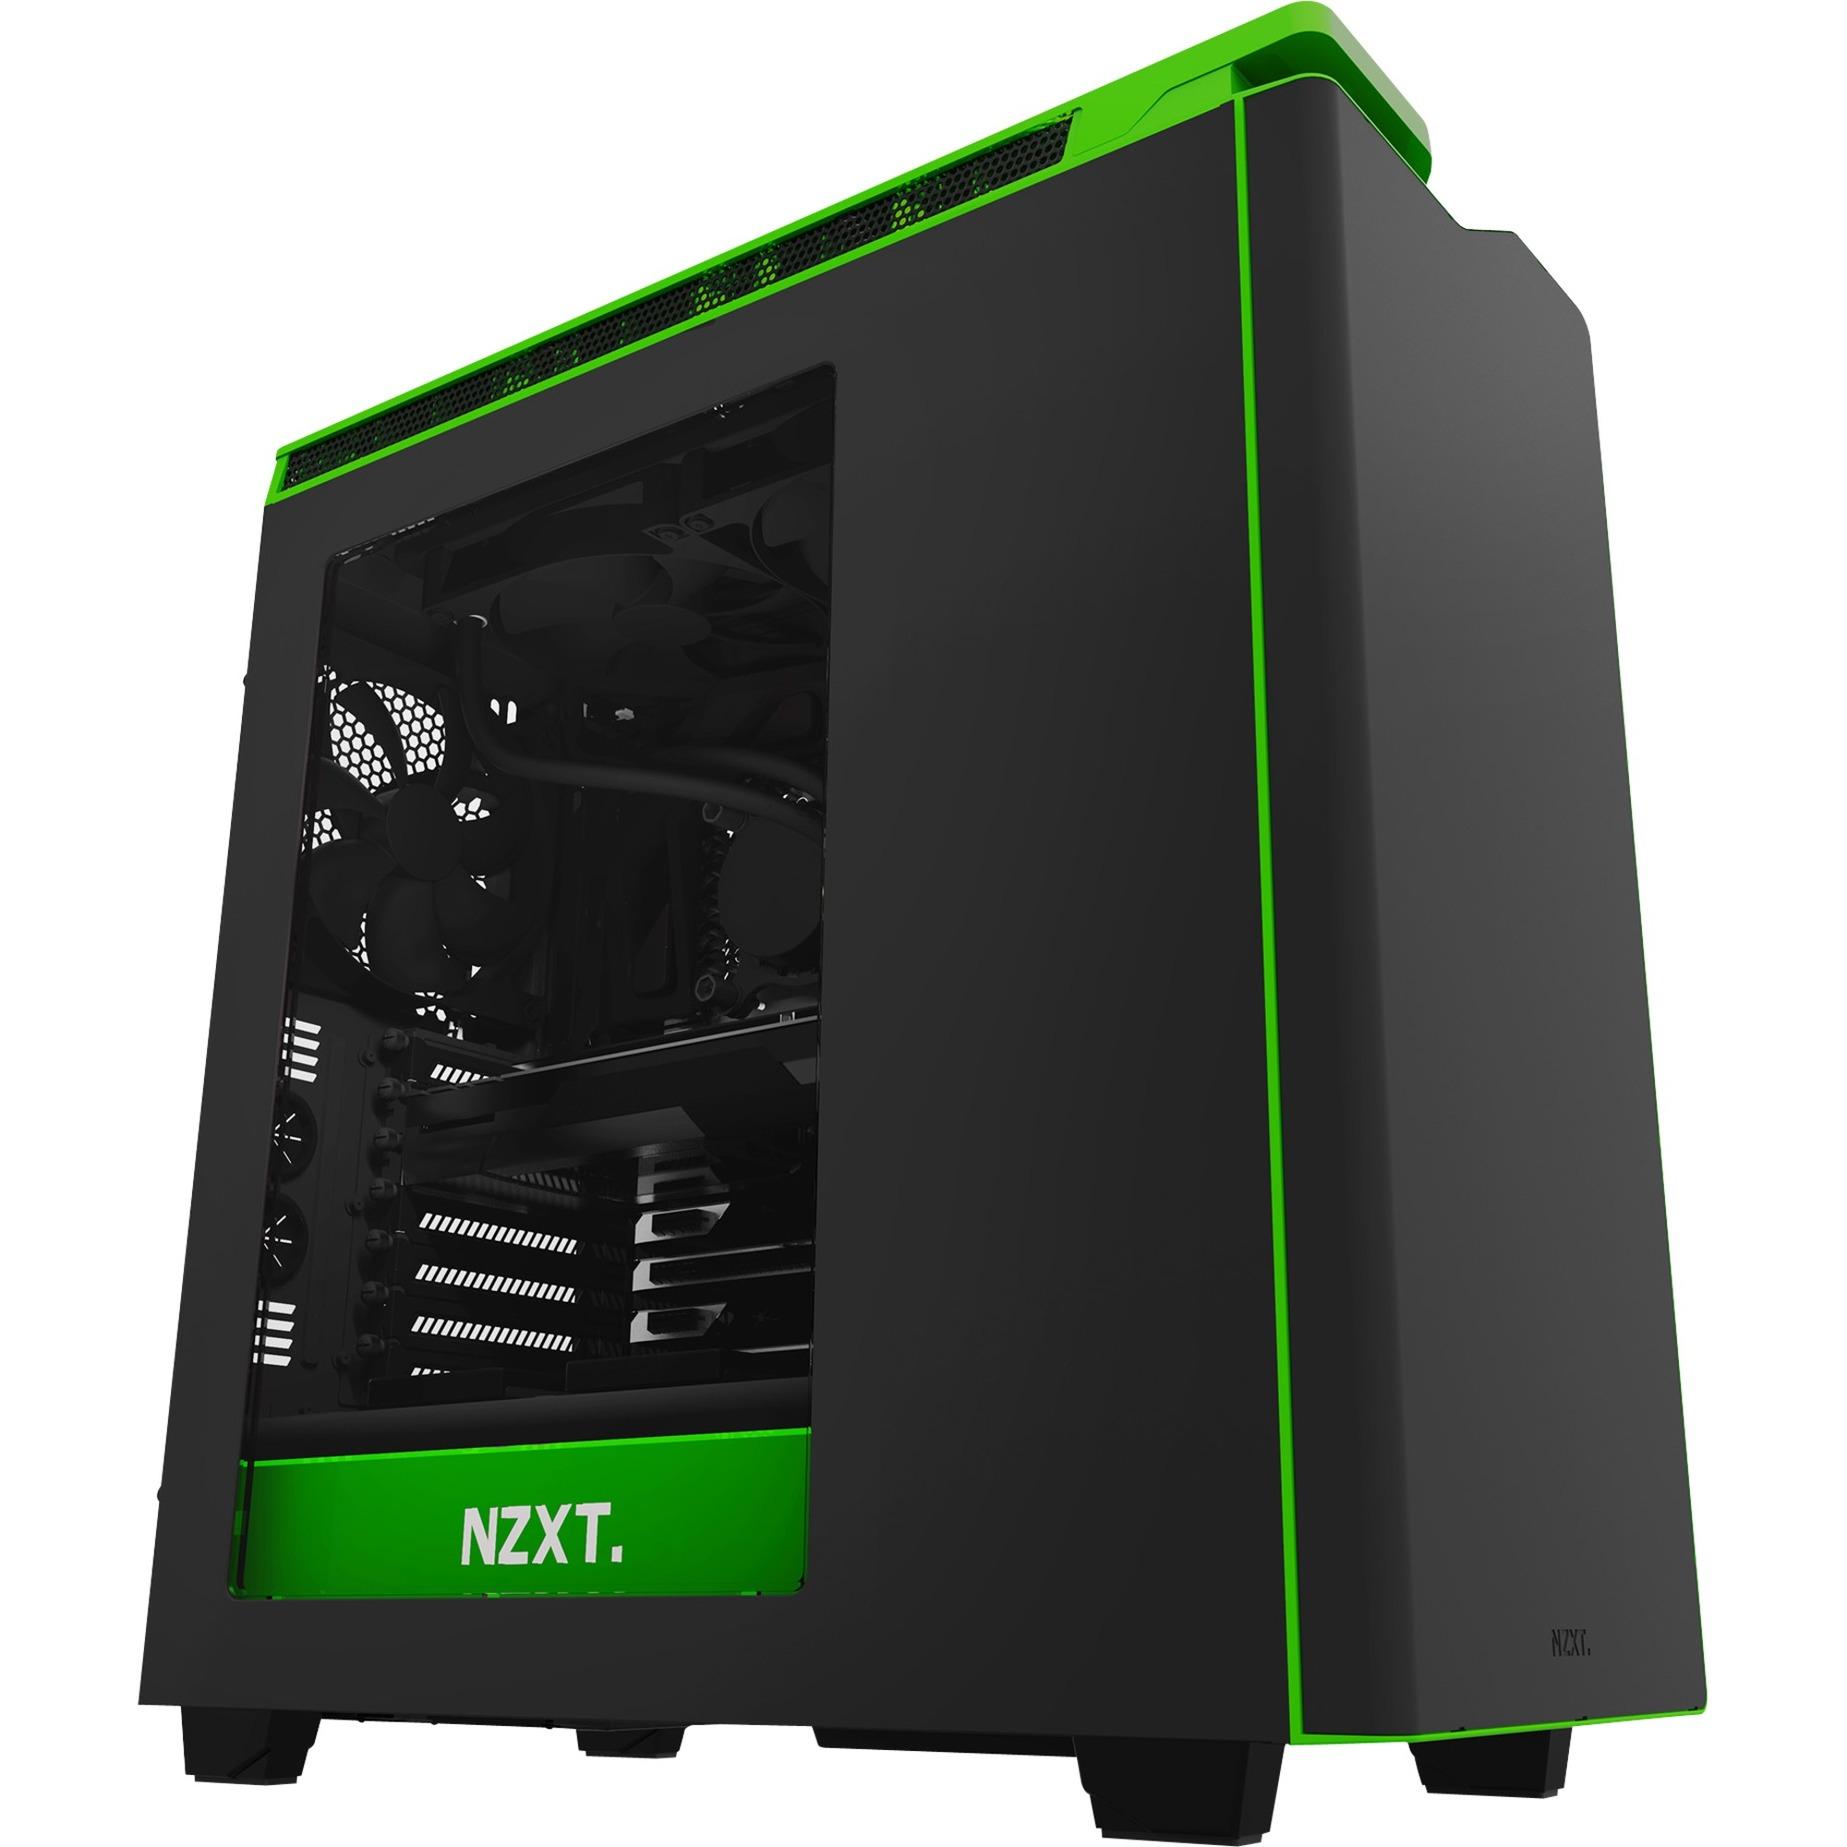 CA-H442W-M9 carcasa de ordenador Midi-Tower Negro, Verde, Cajas de torre